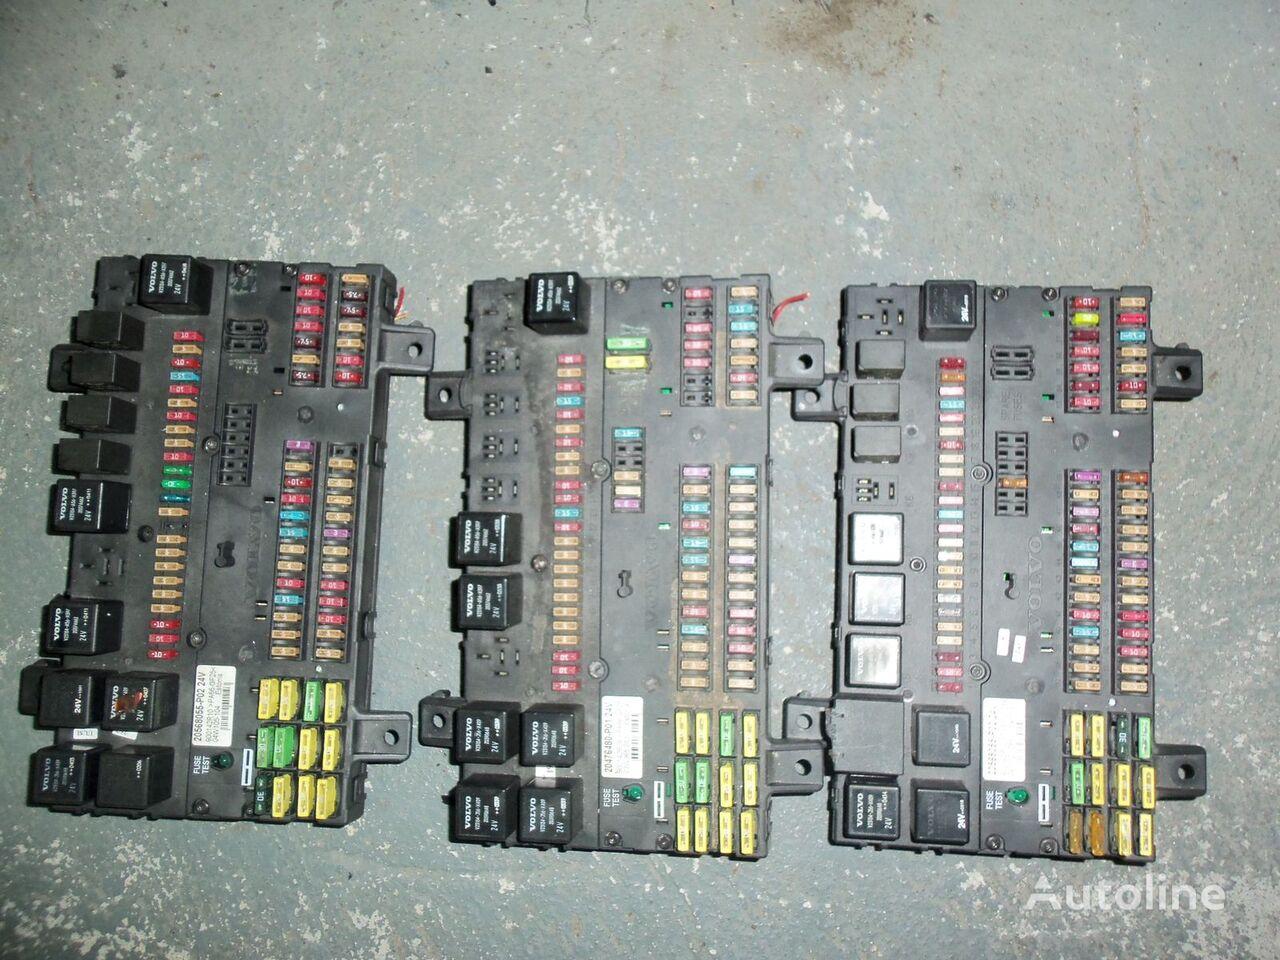 VOLVO FH13 fuse and relay center, central electrical box 20568055, 21732199 Sicherungskasten für VOLVO FH13 Sattelzugmaschine